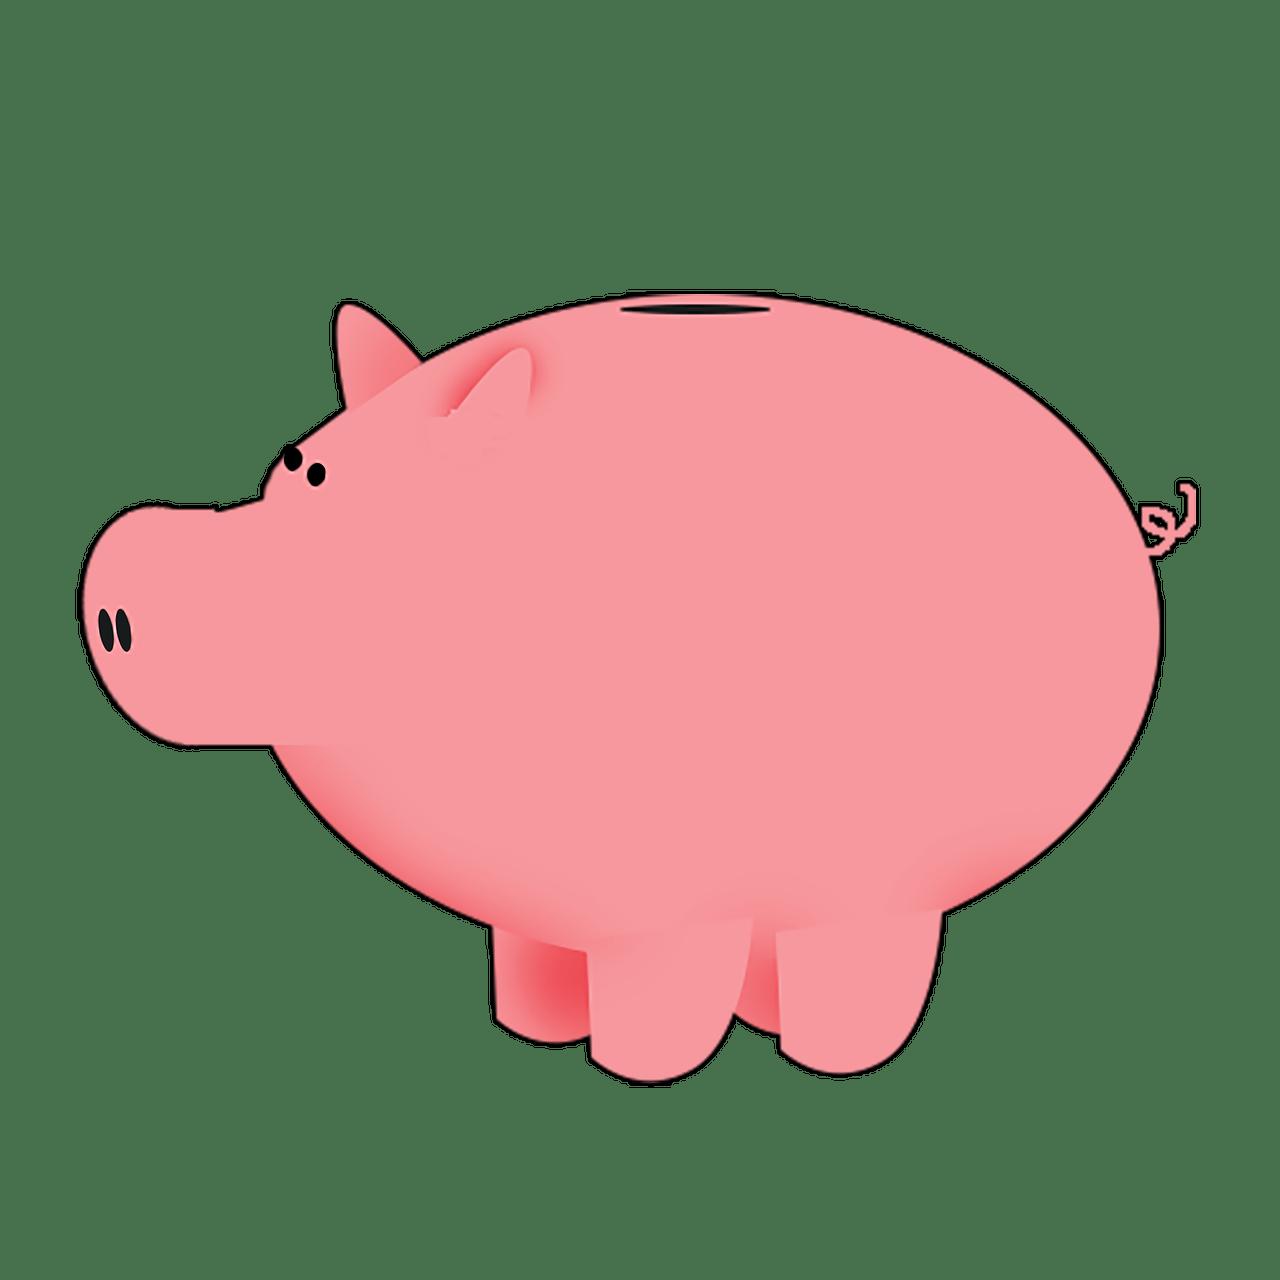 Coins Clipart Piggy Bank Coins Piggy Bank Transparent